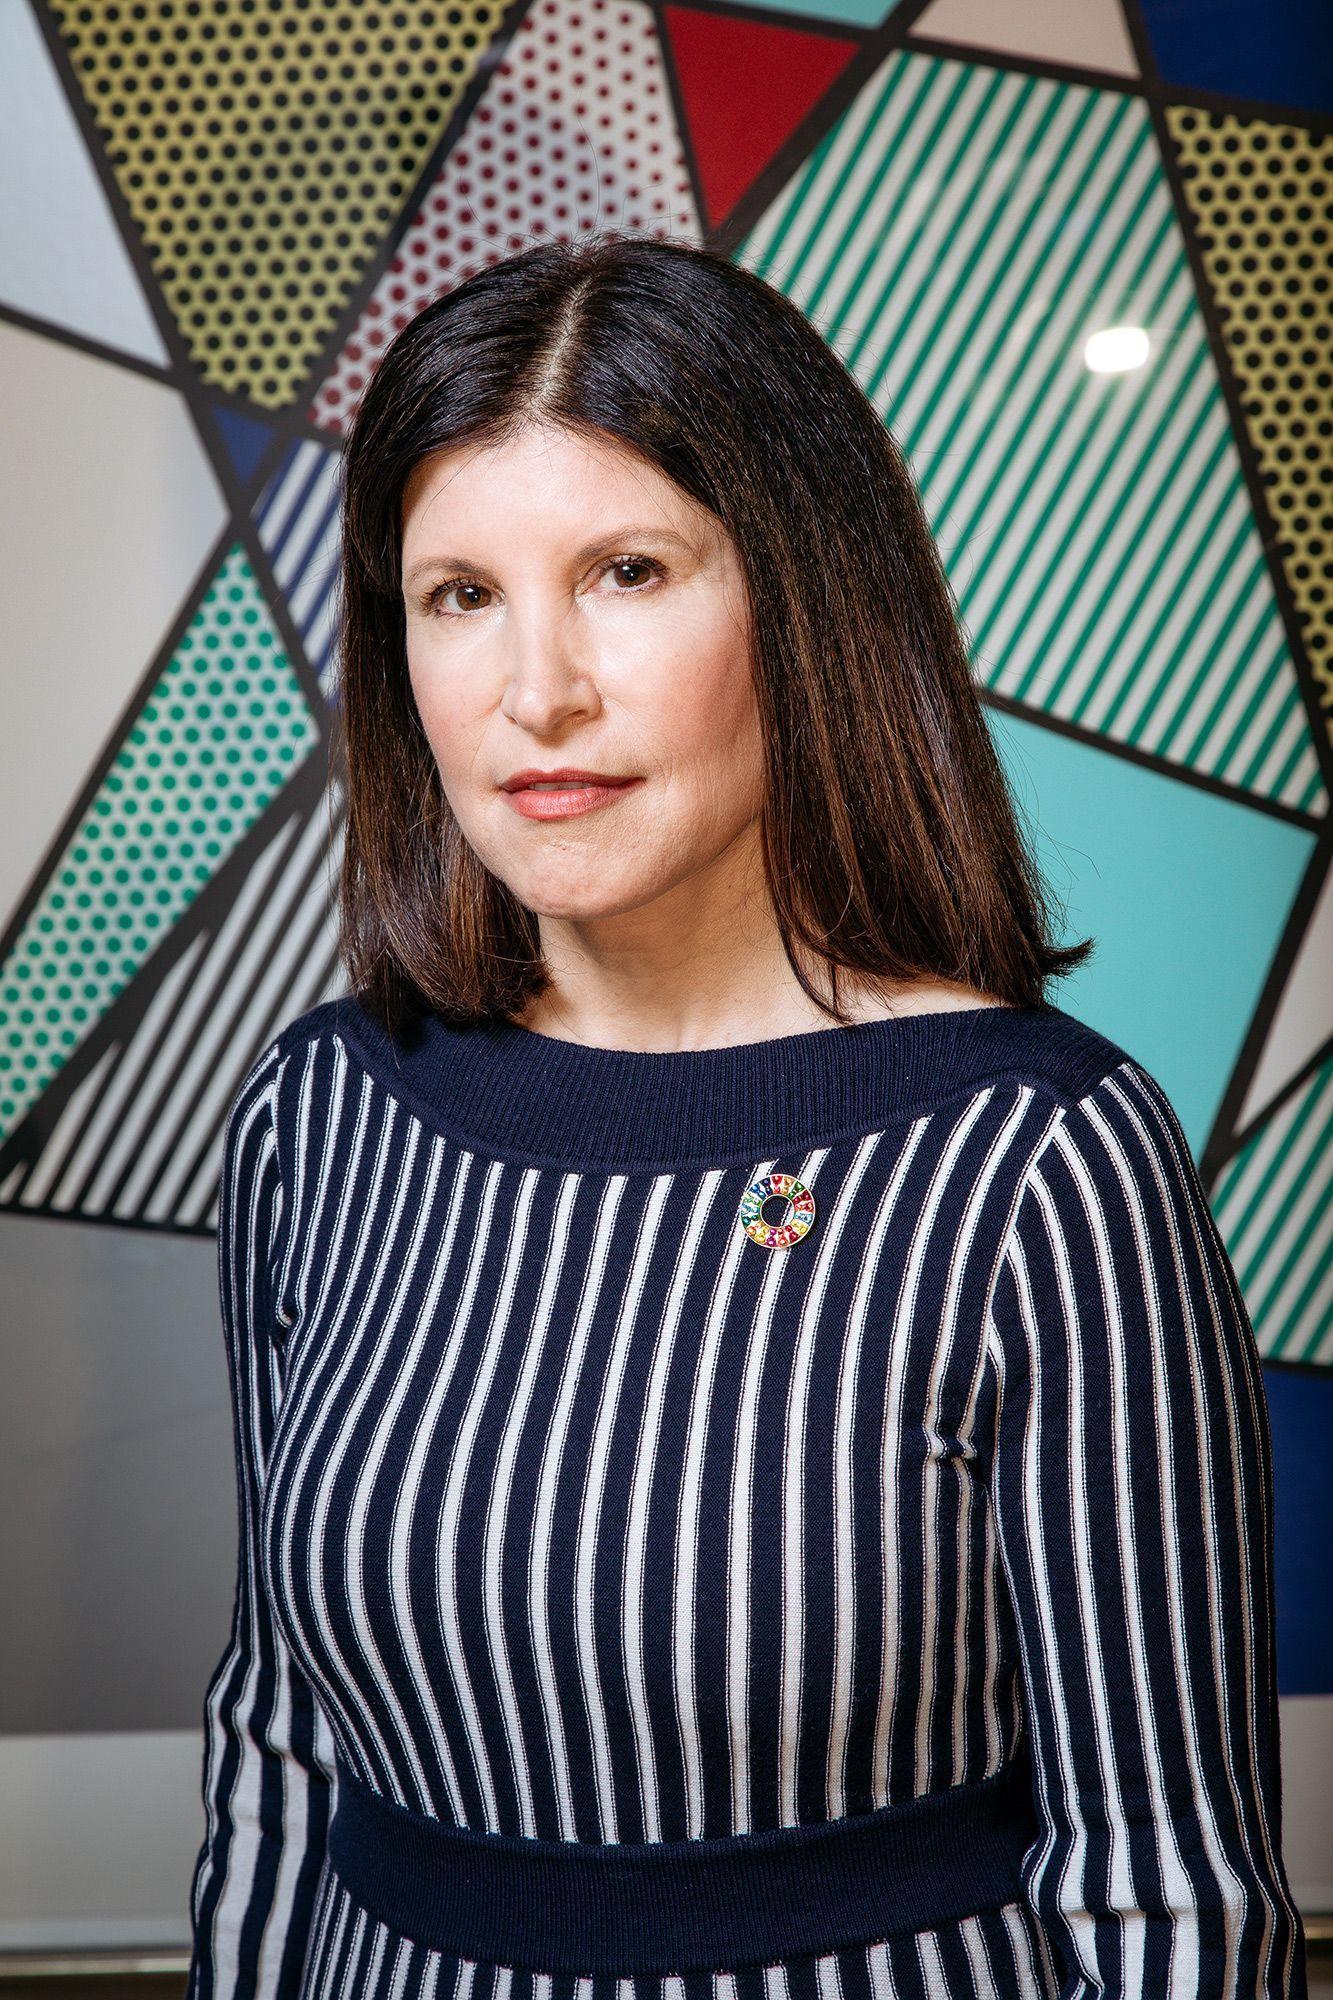 Dr Márcia Balisciano